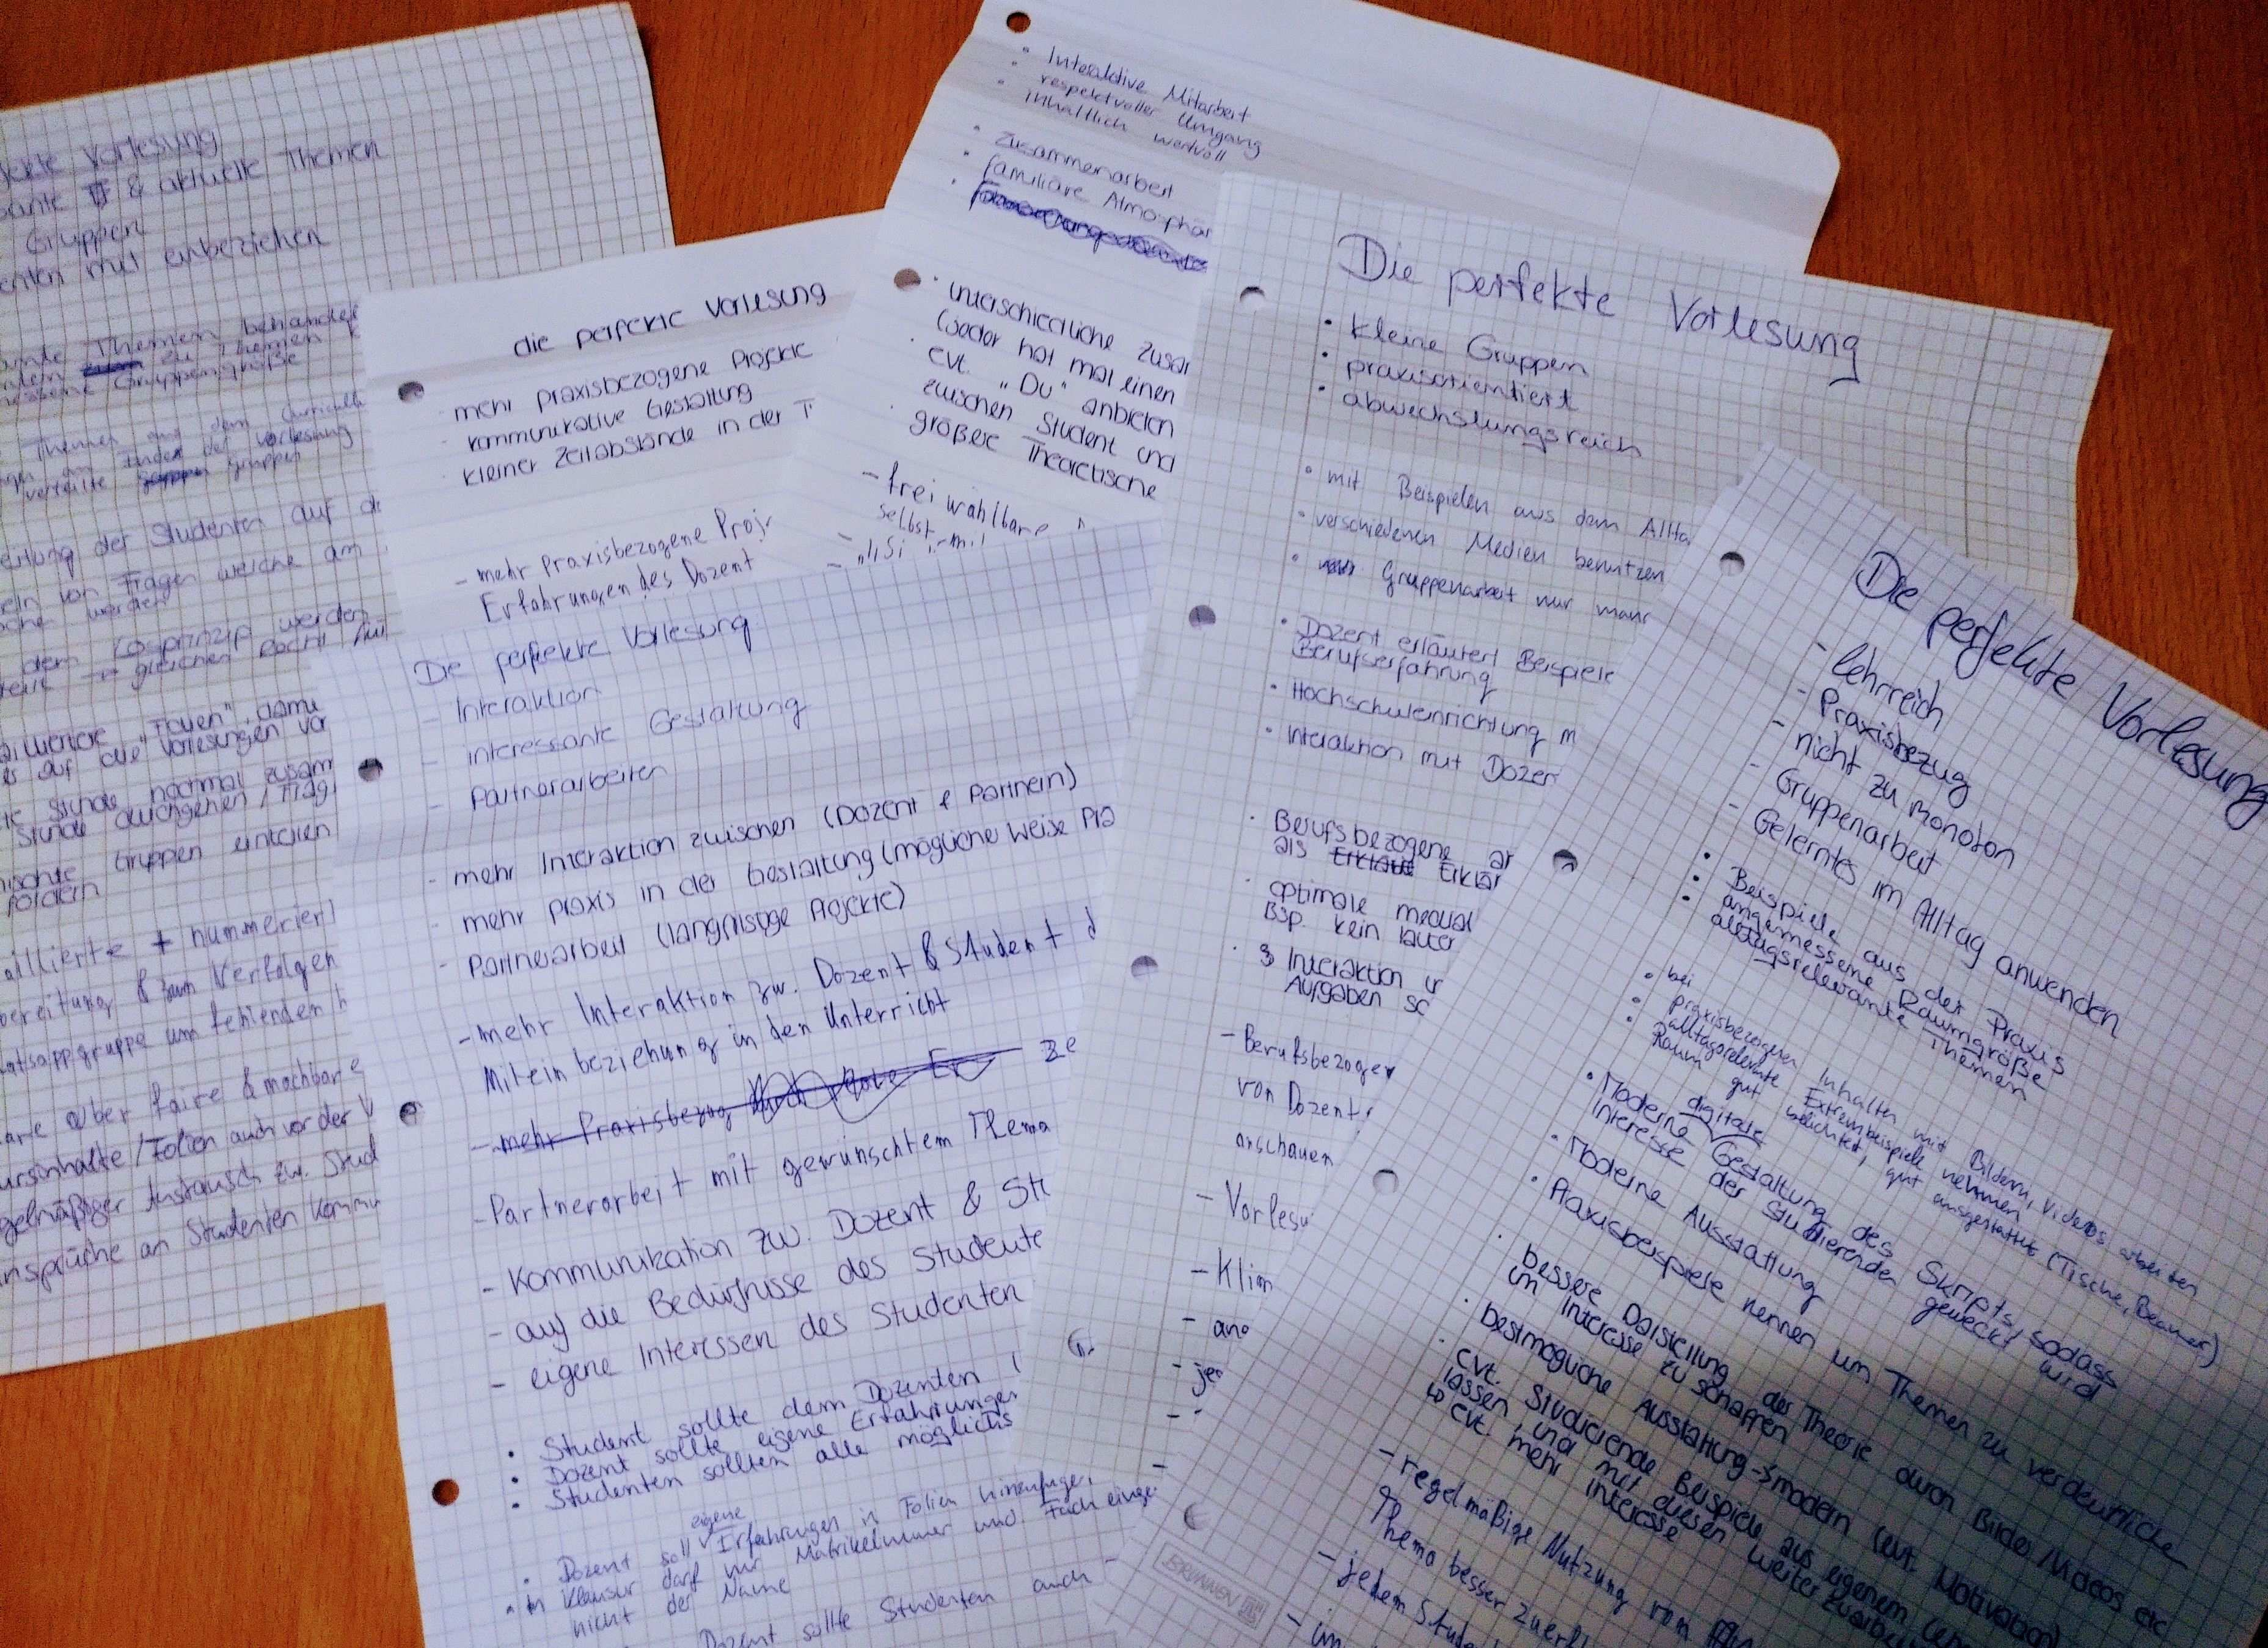 Methode 635 Mit Brainwriting Mehr Neue Ideen Finden